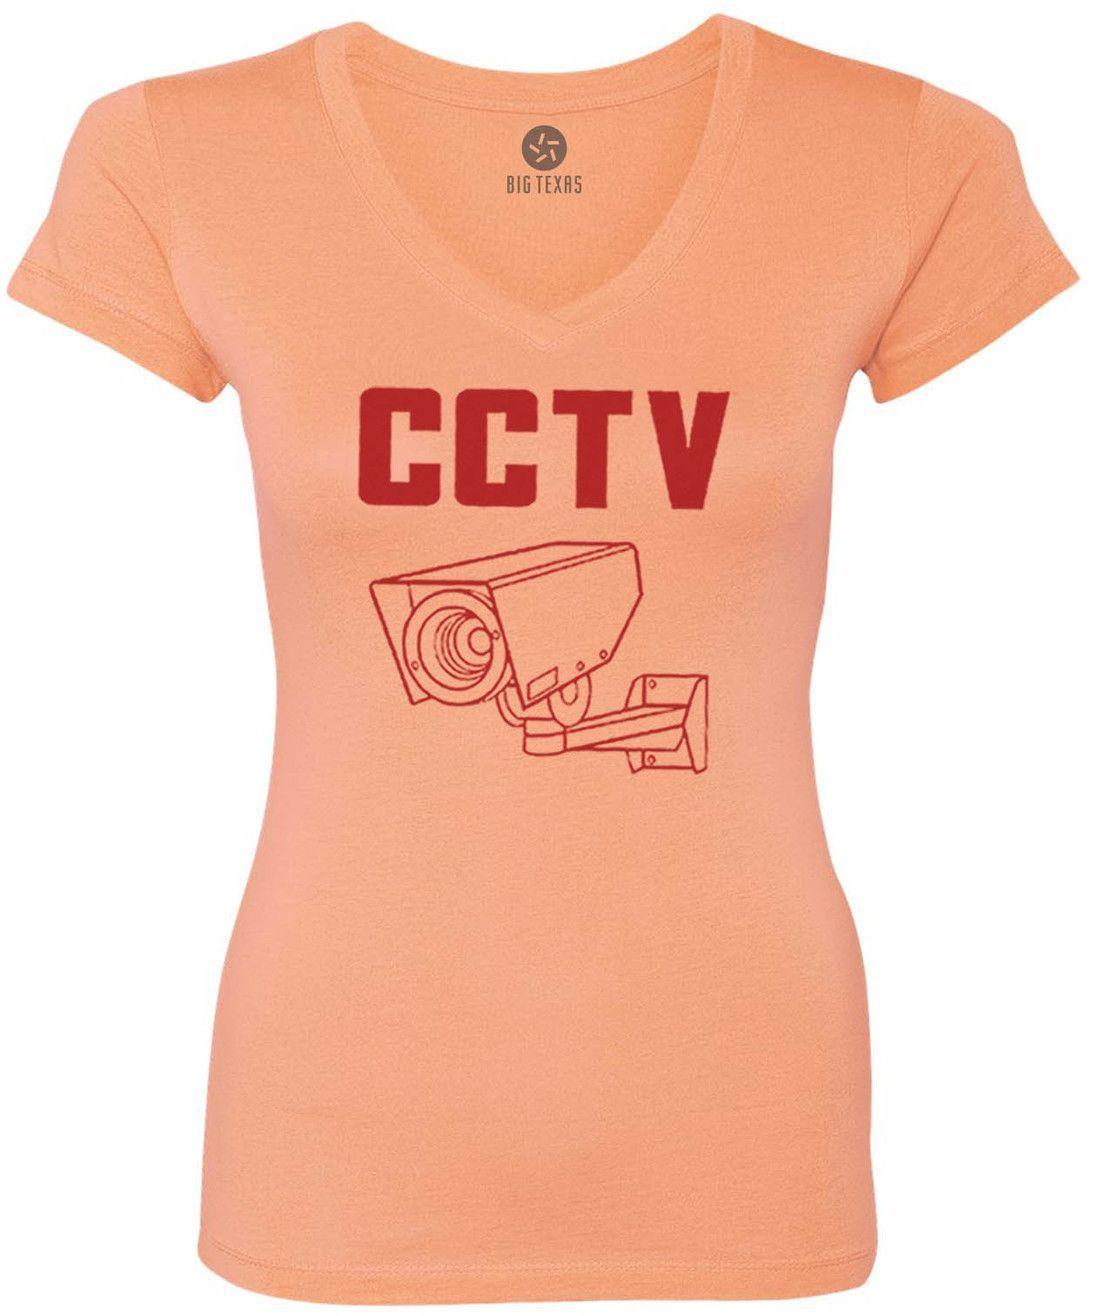 CCTV (Red) Women's Short-Sleeve V-Neck T-Shirt